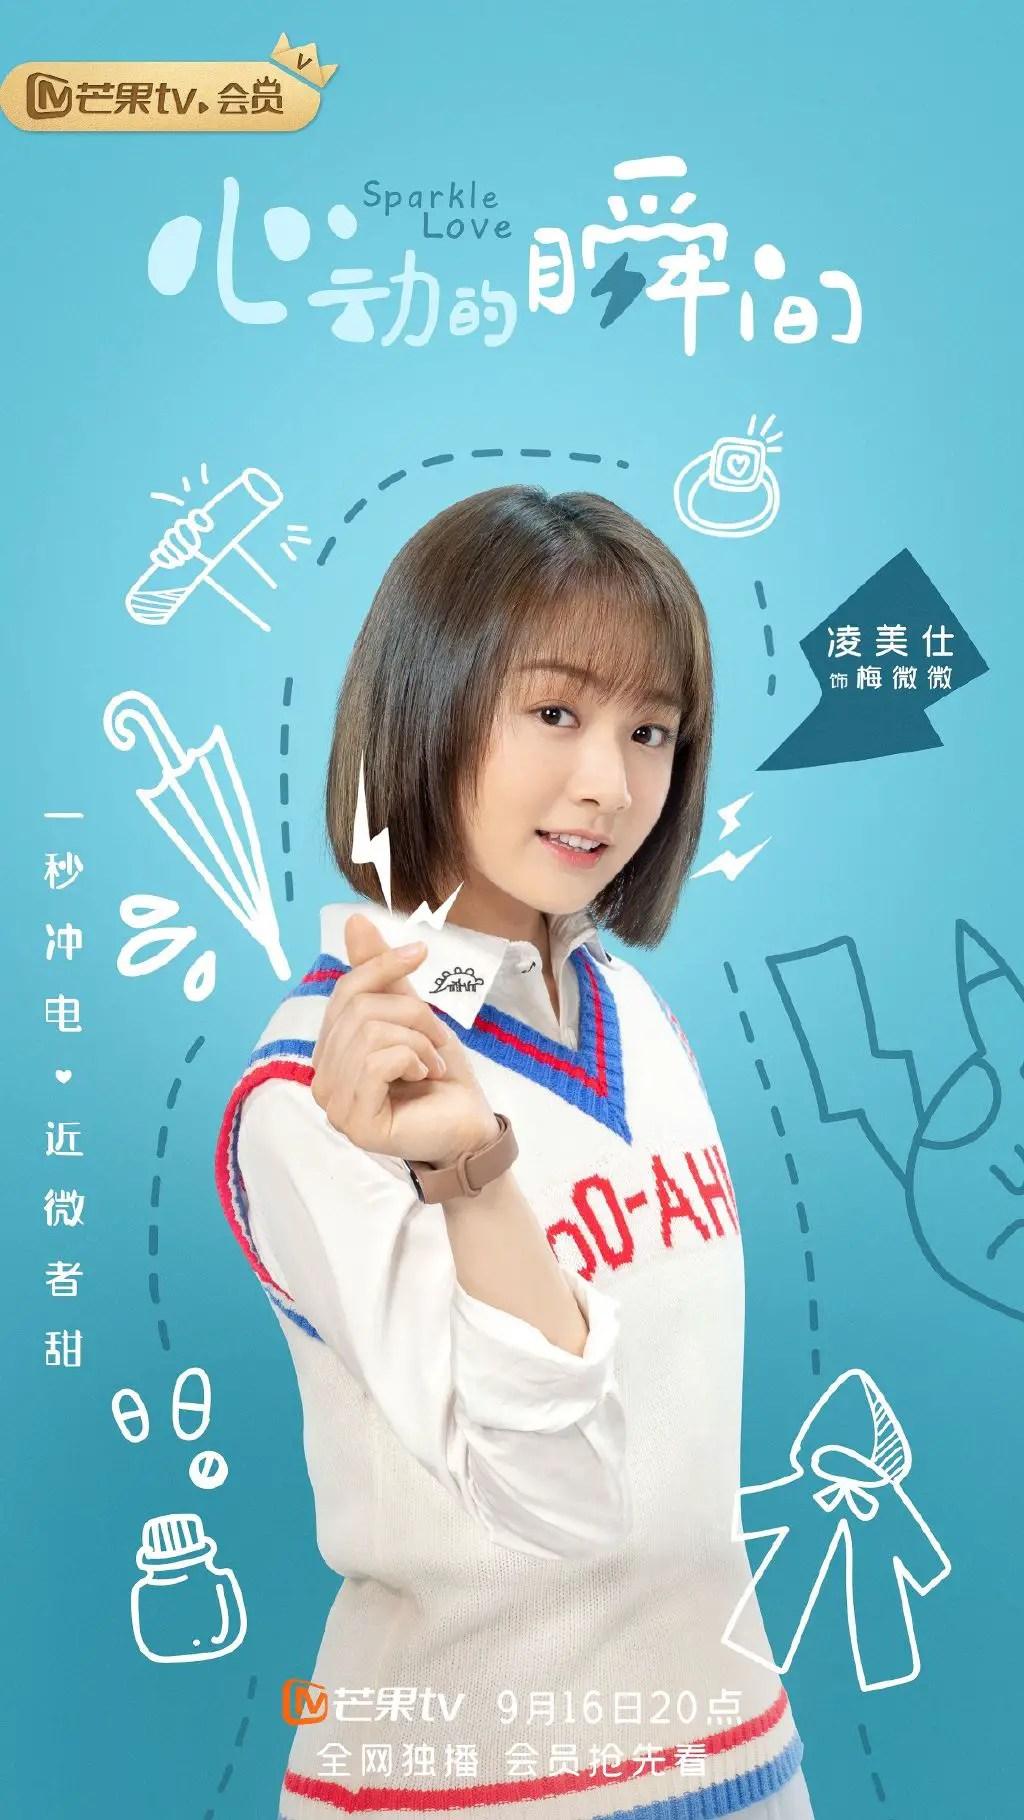 Ling Mei Shi